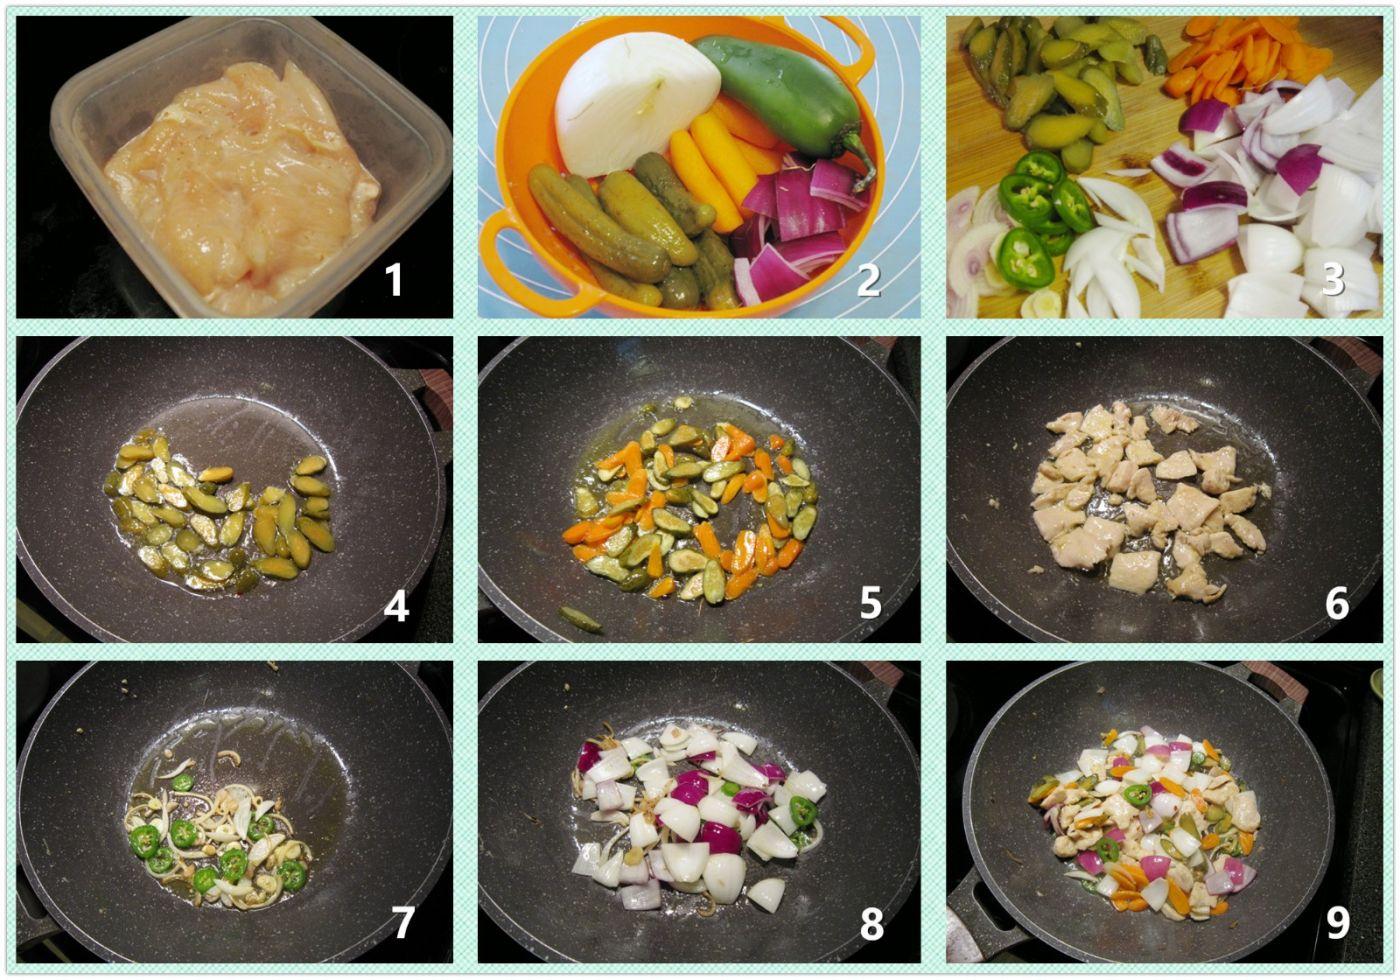 蔬菜炒鸡片_图1-2